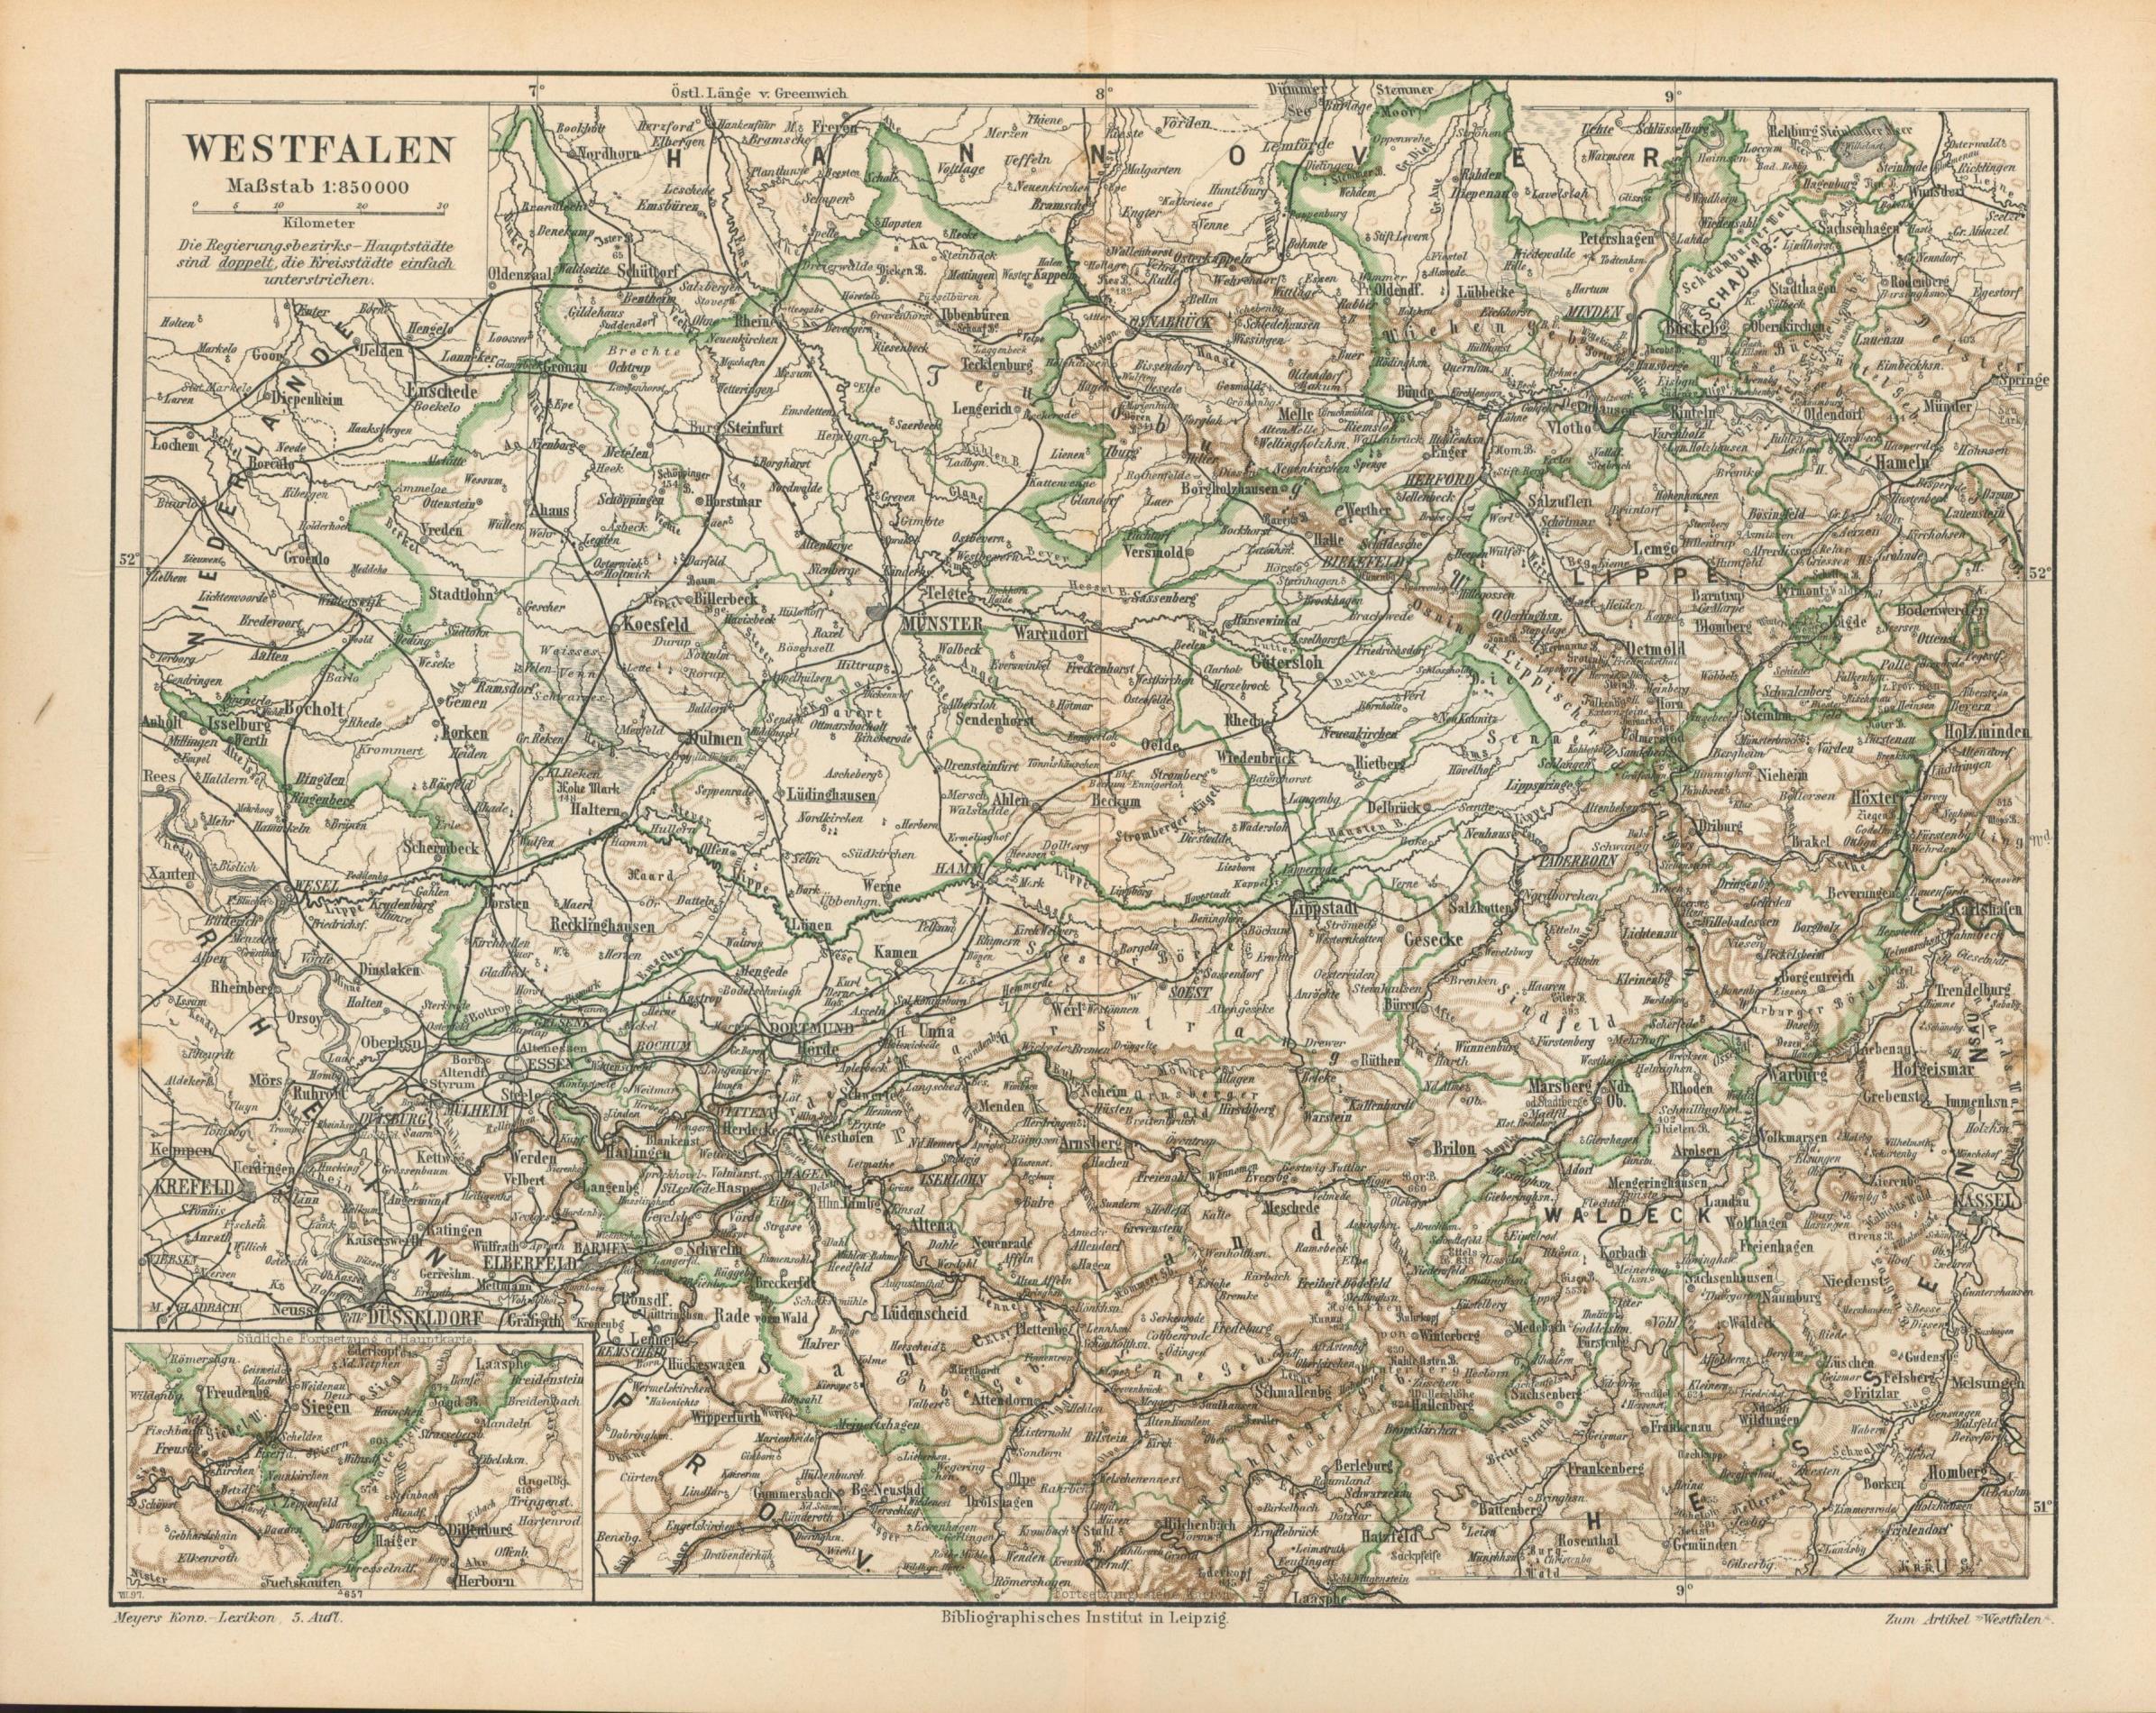 Westfalen von 1897,Maßstab 1:850.000: Historische Landkarte KEIN